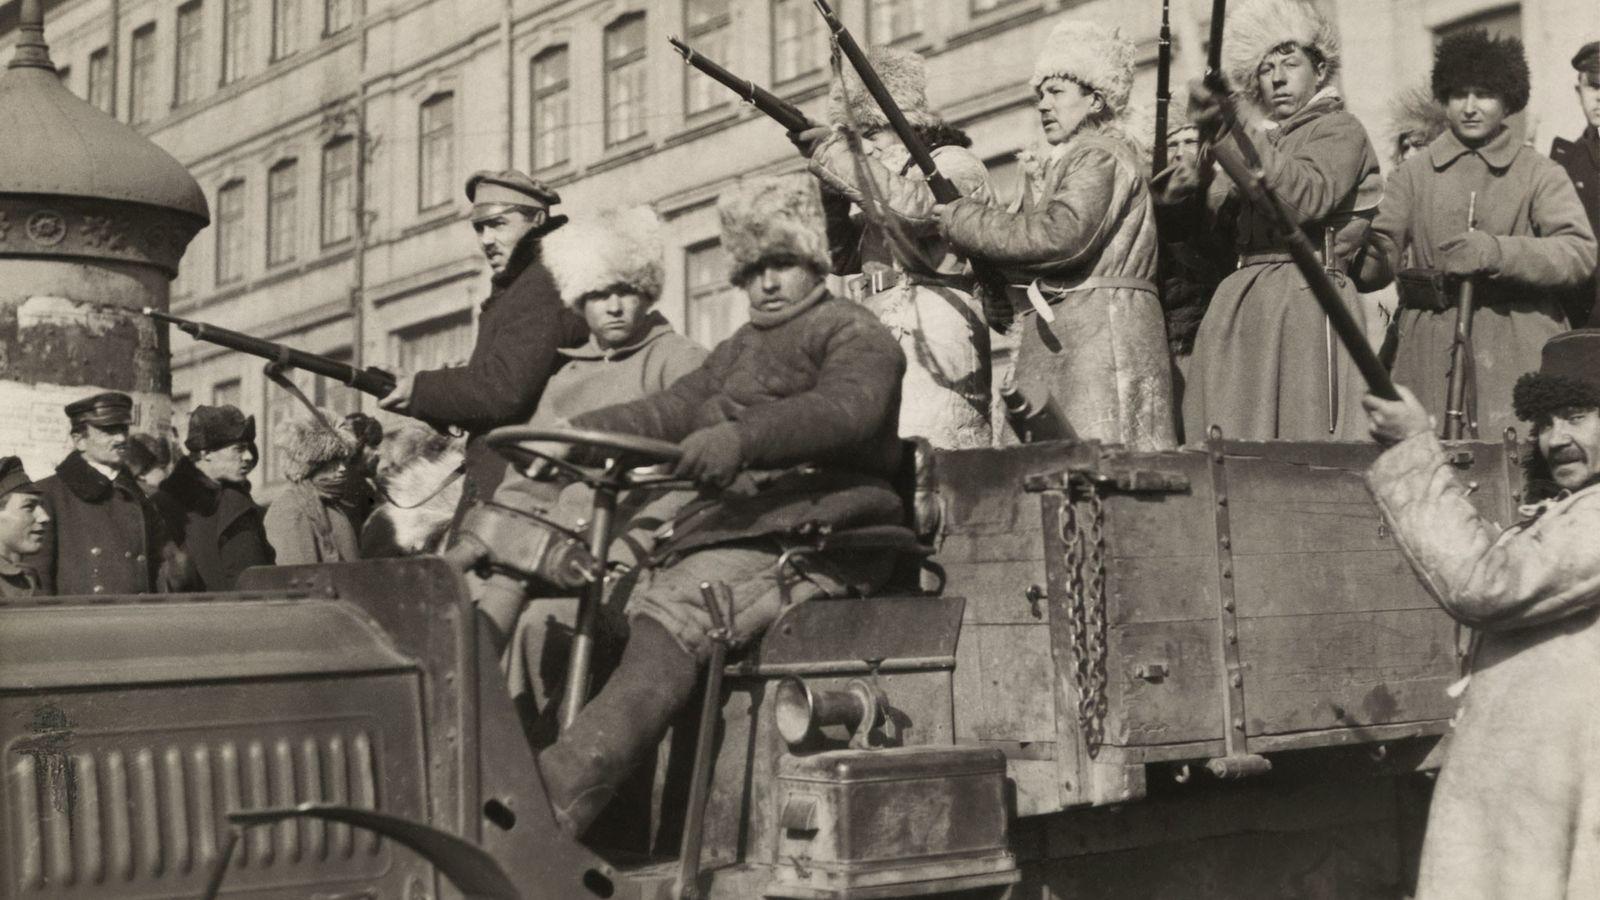 1920, des bolcheviks armés de fusils patrouillent en camion dans les rues de Vladivostok, en Russie. ...